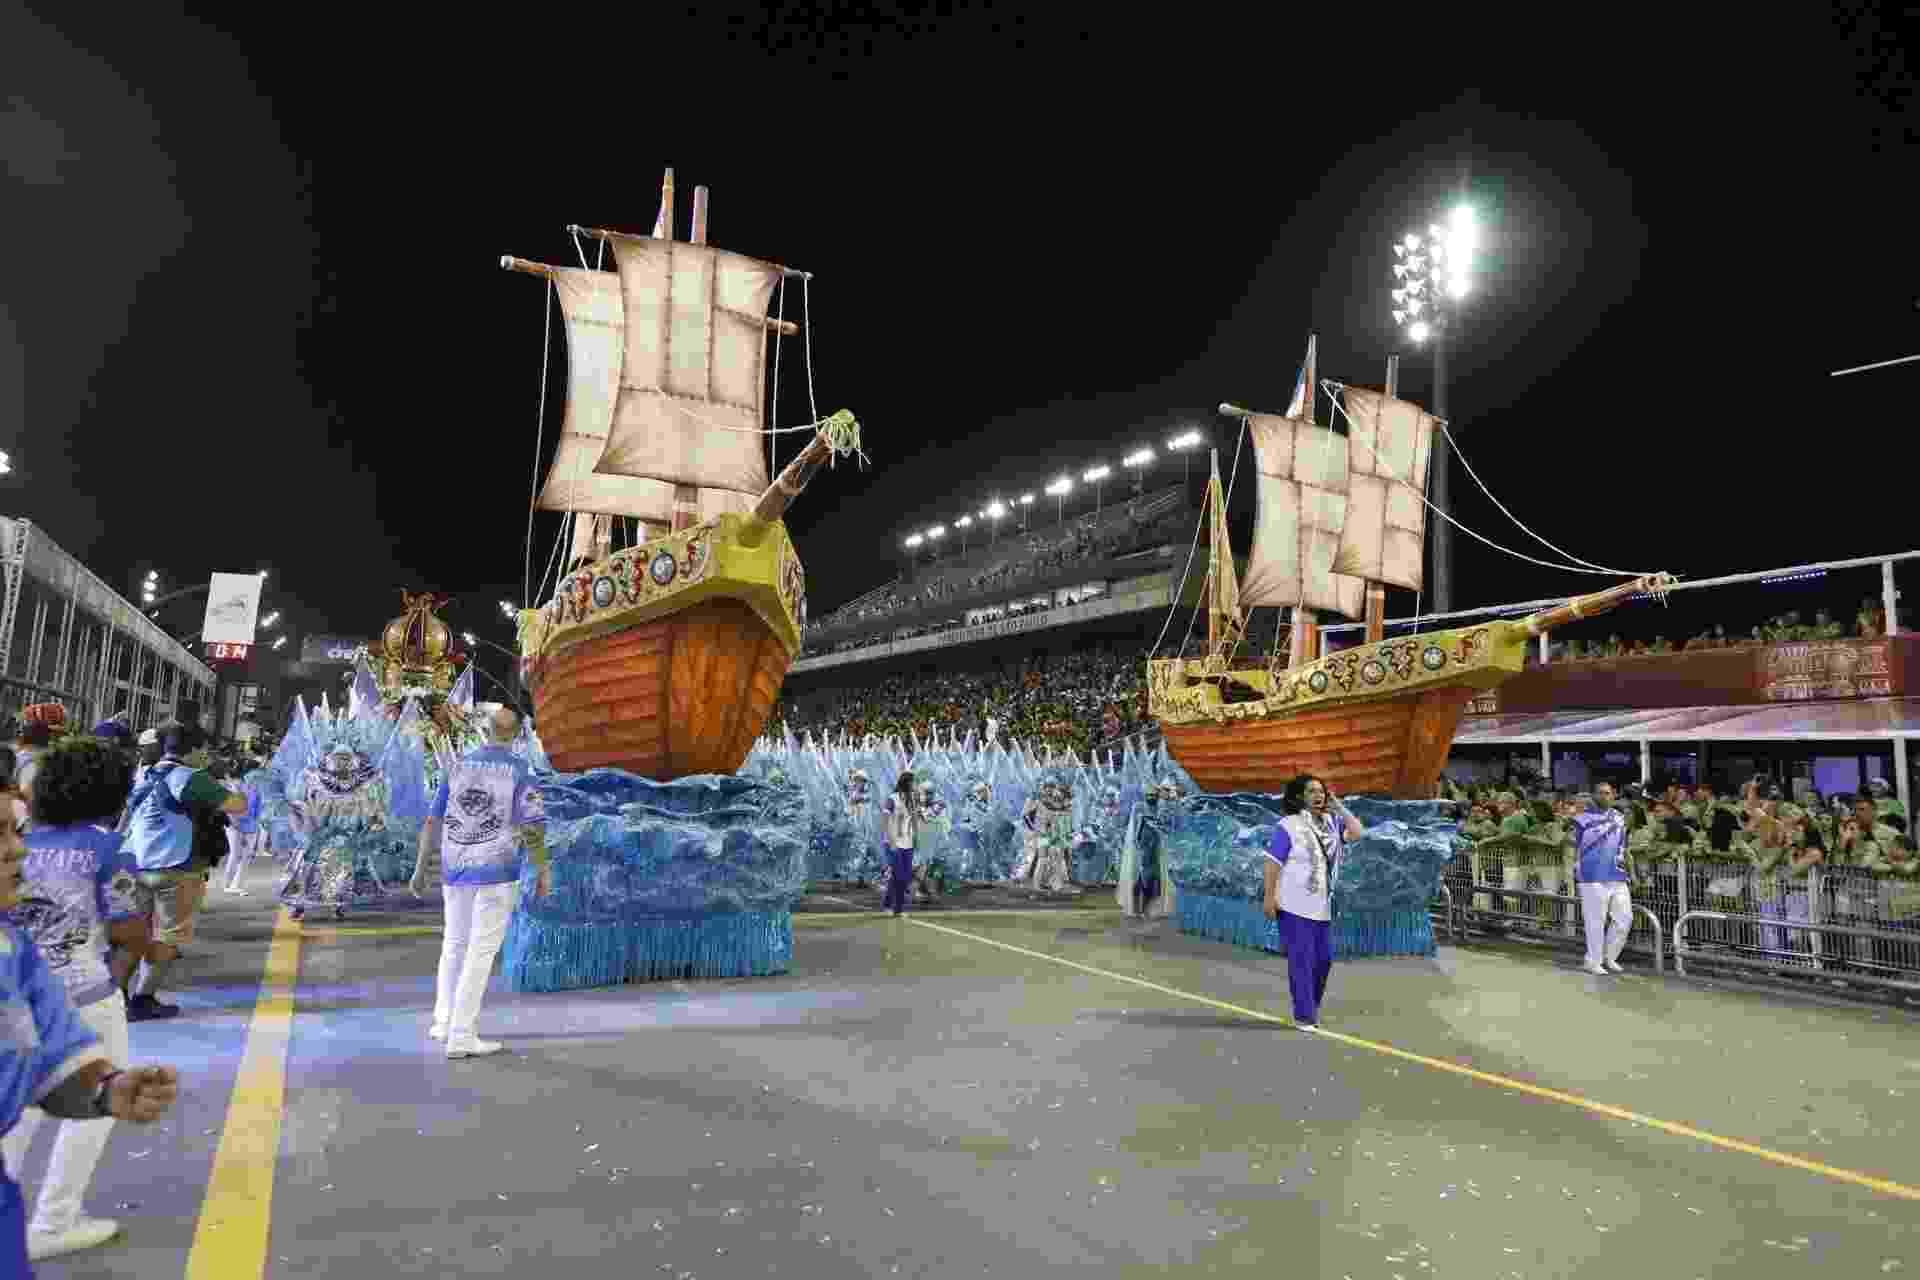 Desfile da Acadêmicos do Tatuapé no Carnaval 2018 - Simon Plestenjak/UOL